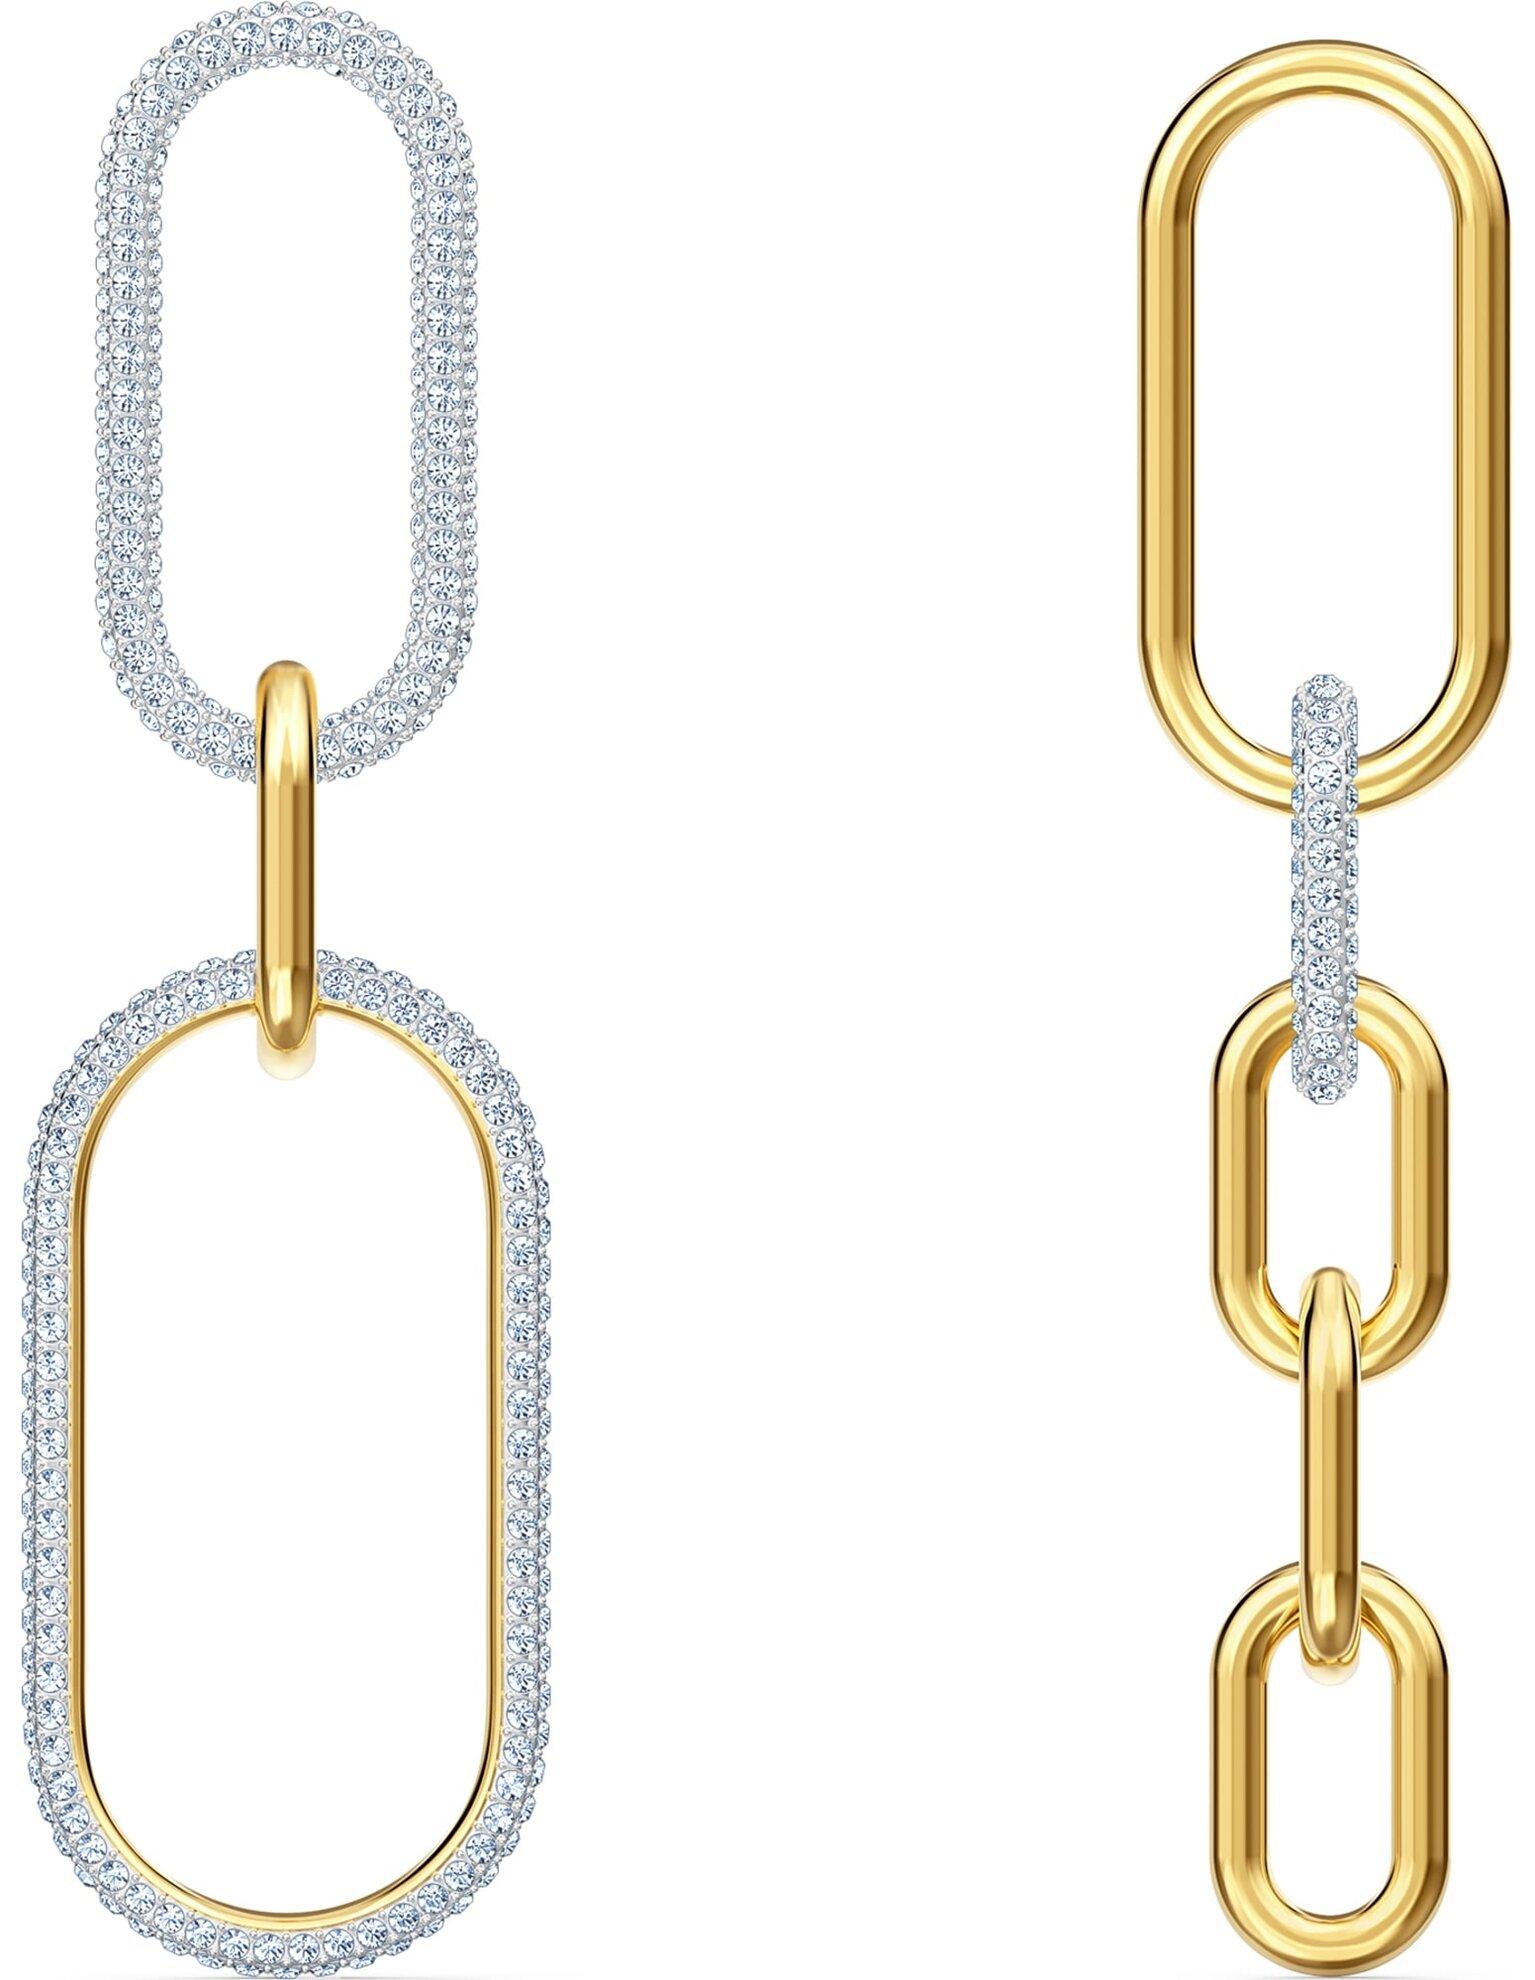 Picture of Time İğneli Küpeler, Beyaz, Karışık metal